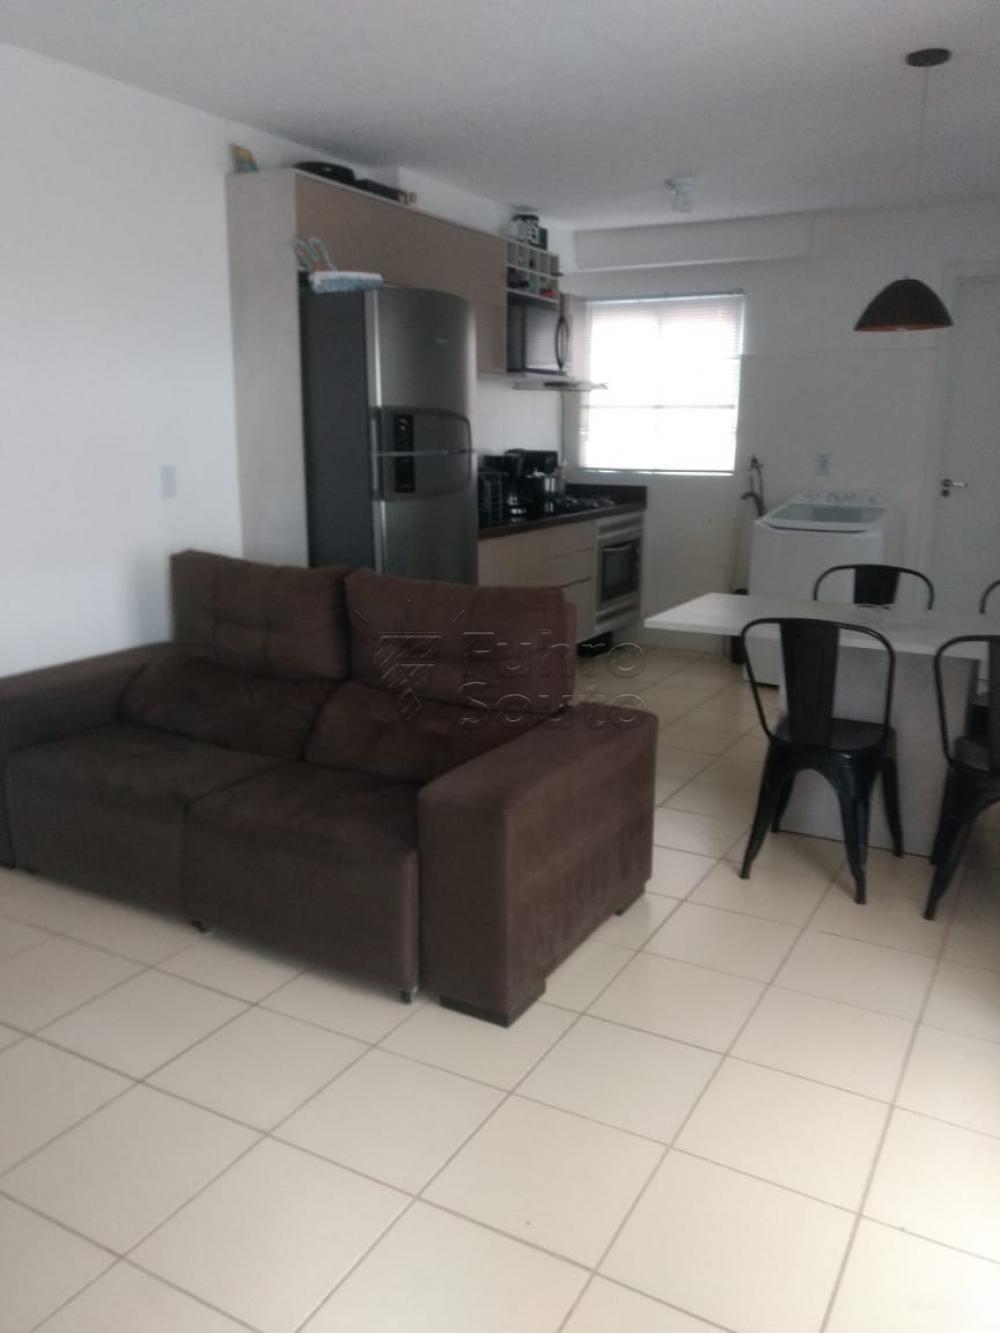 Comprar Apartamento / Padrão em Pelotas R$ 130.000,00 - Foto 9